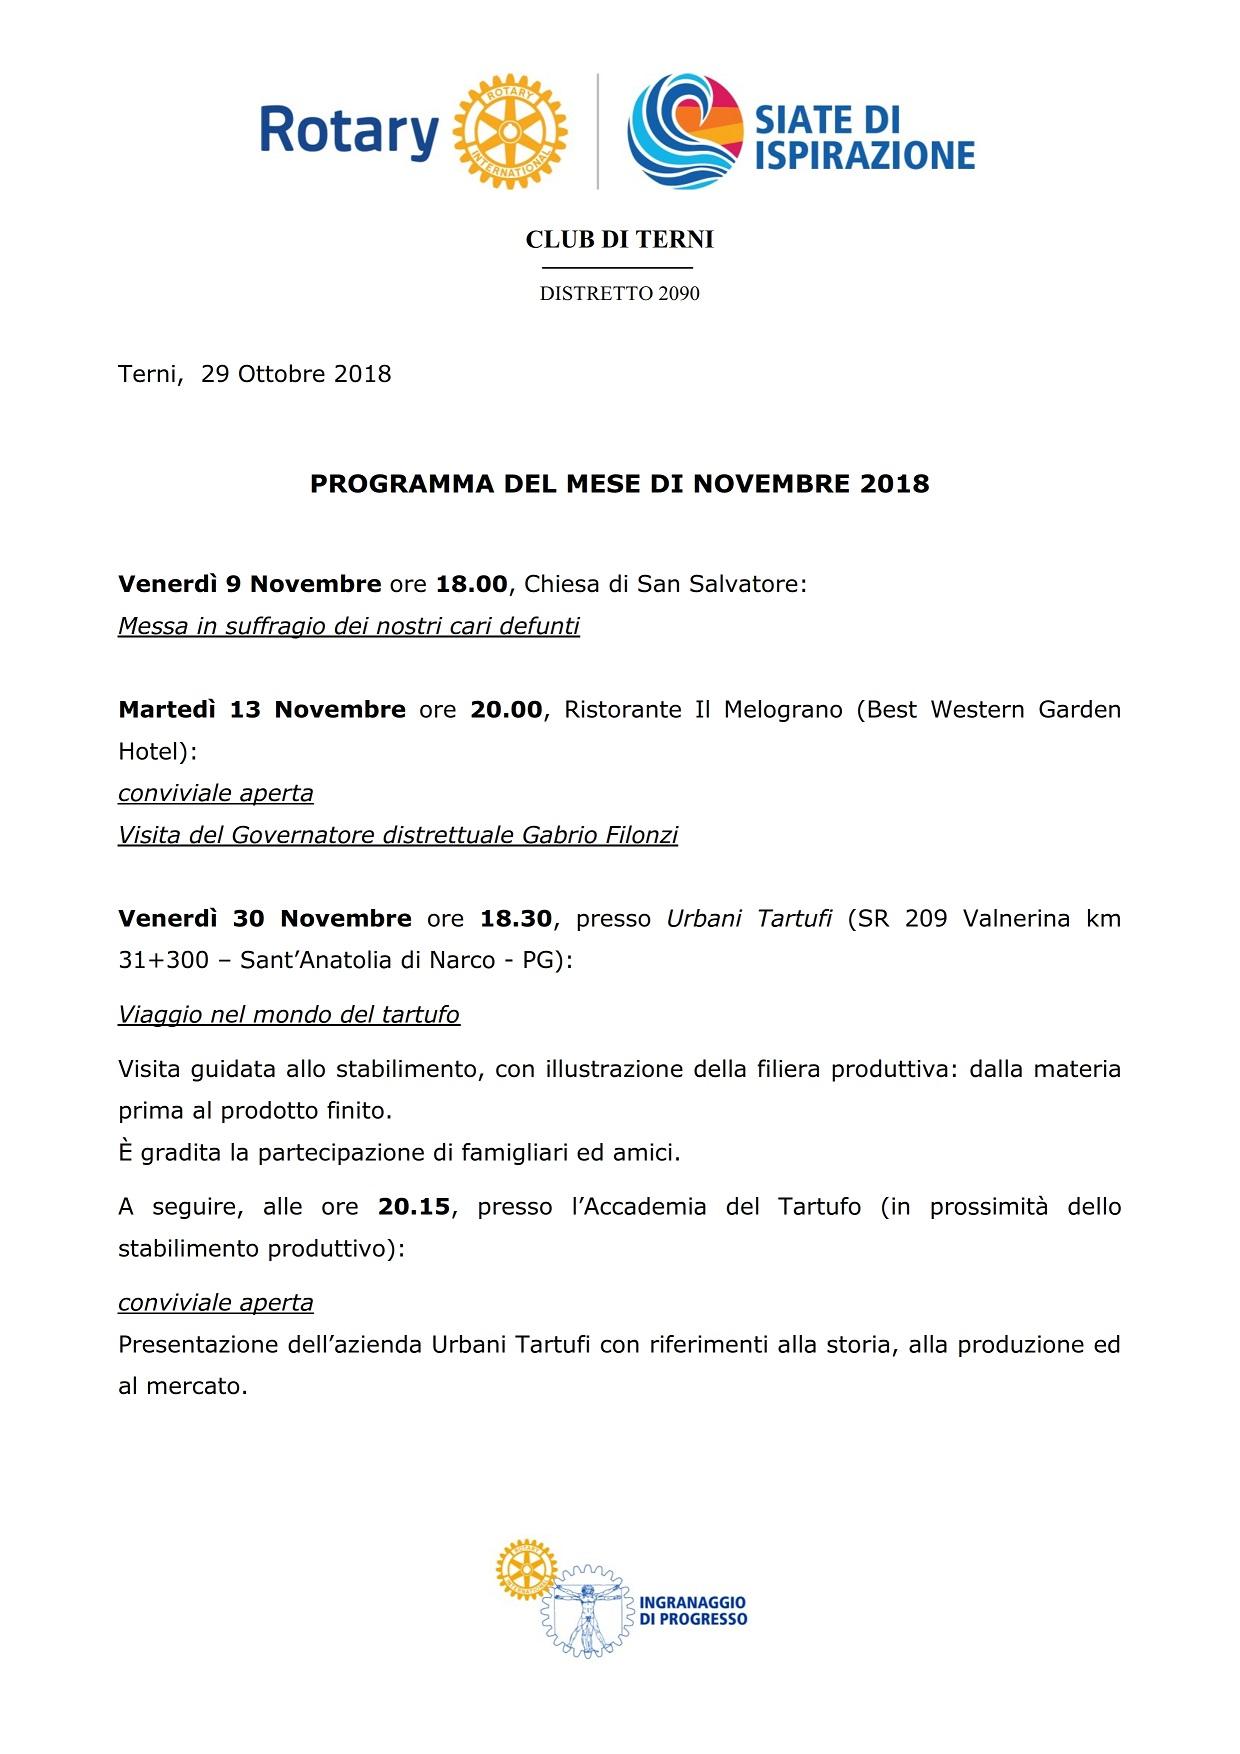 2018_11-RC Terni-Programma Novembre 2018_001